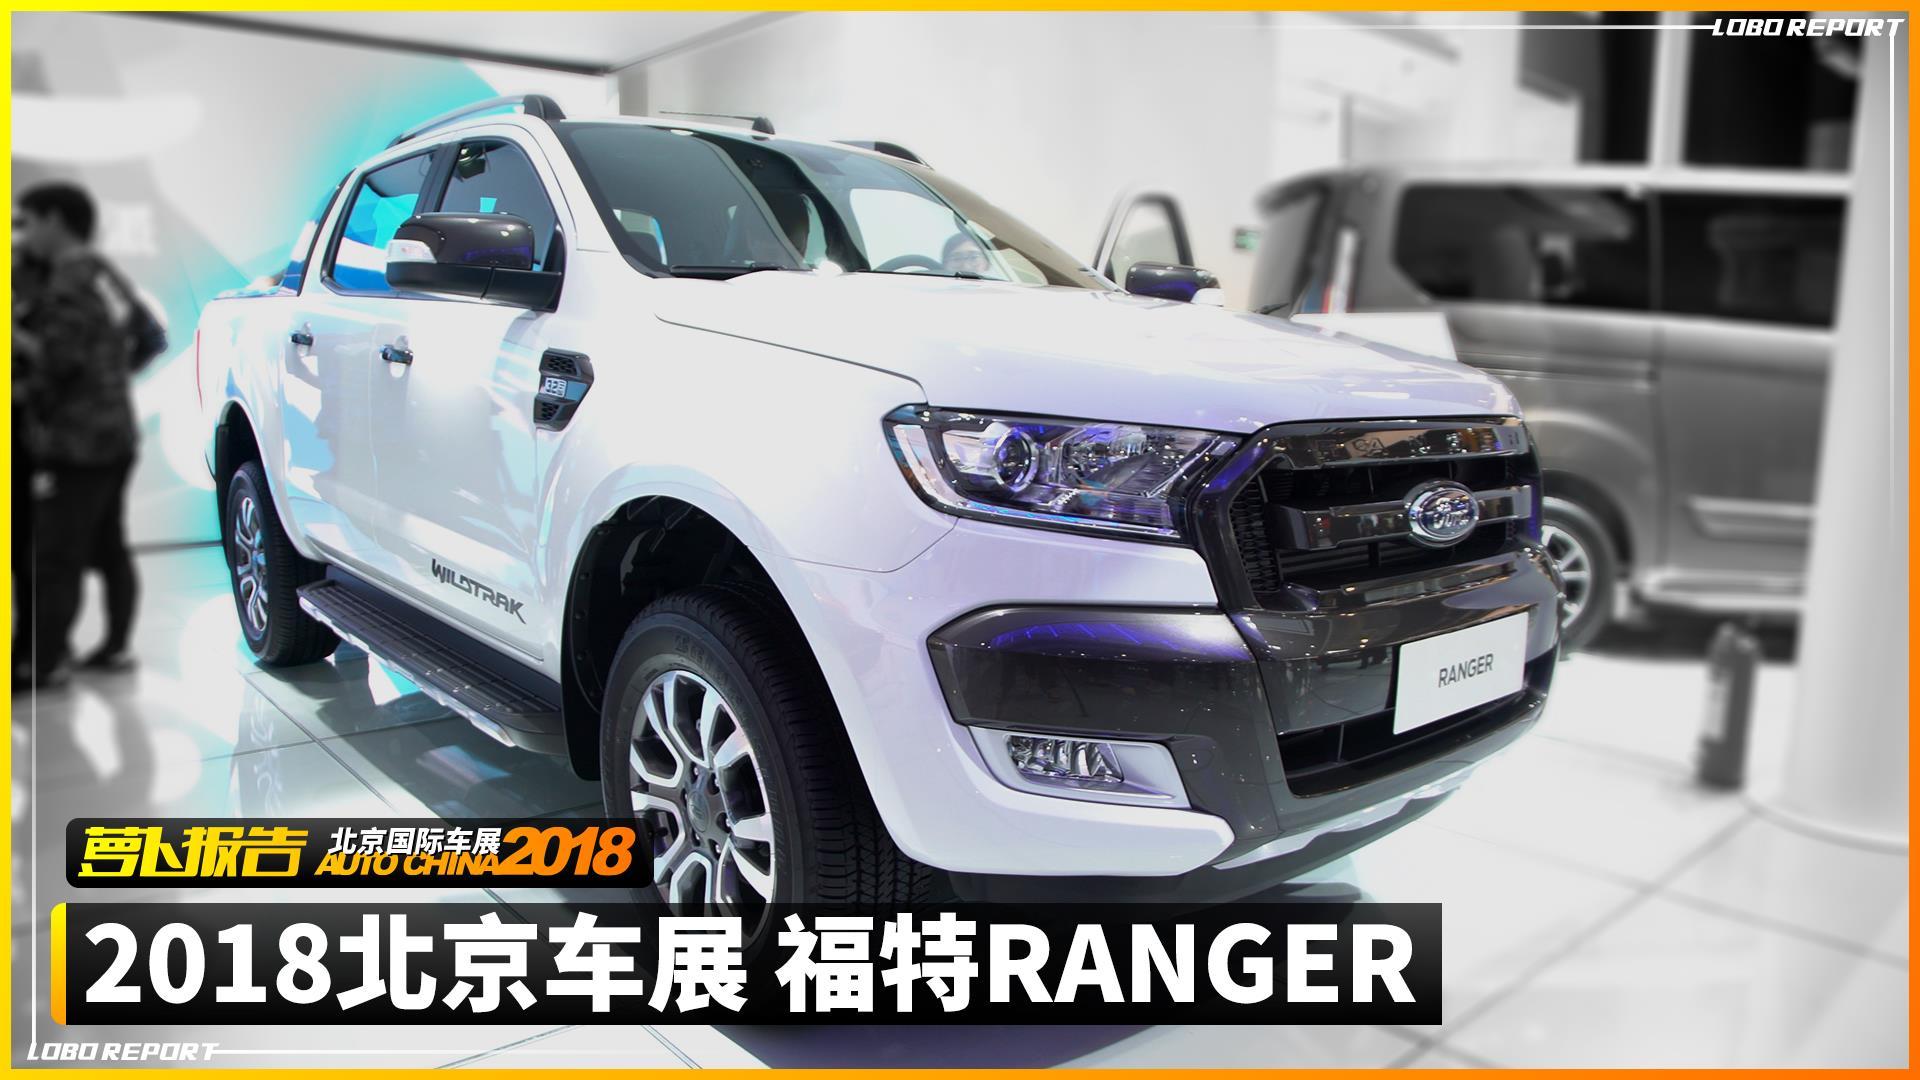 福特RANGER   2018北京车展